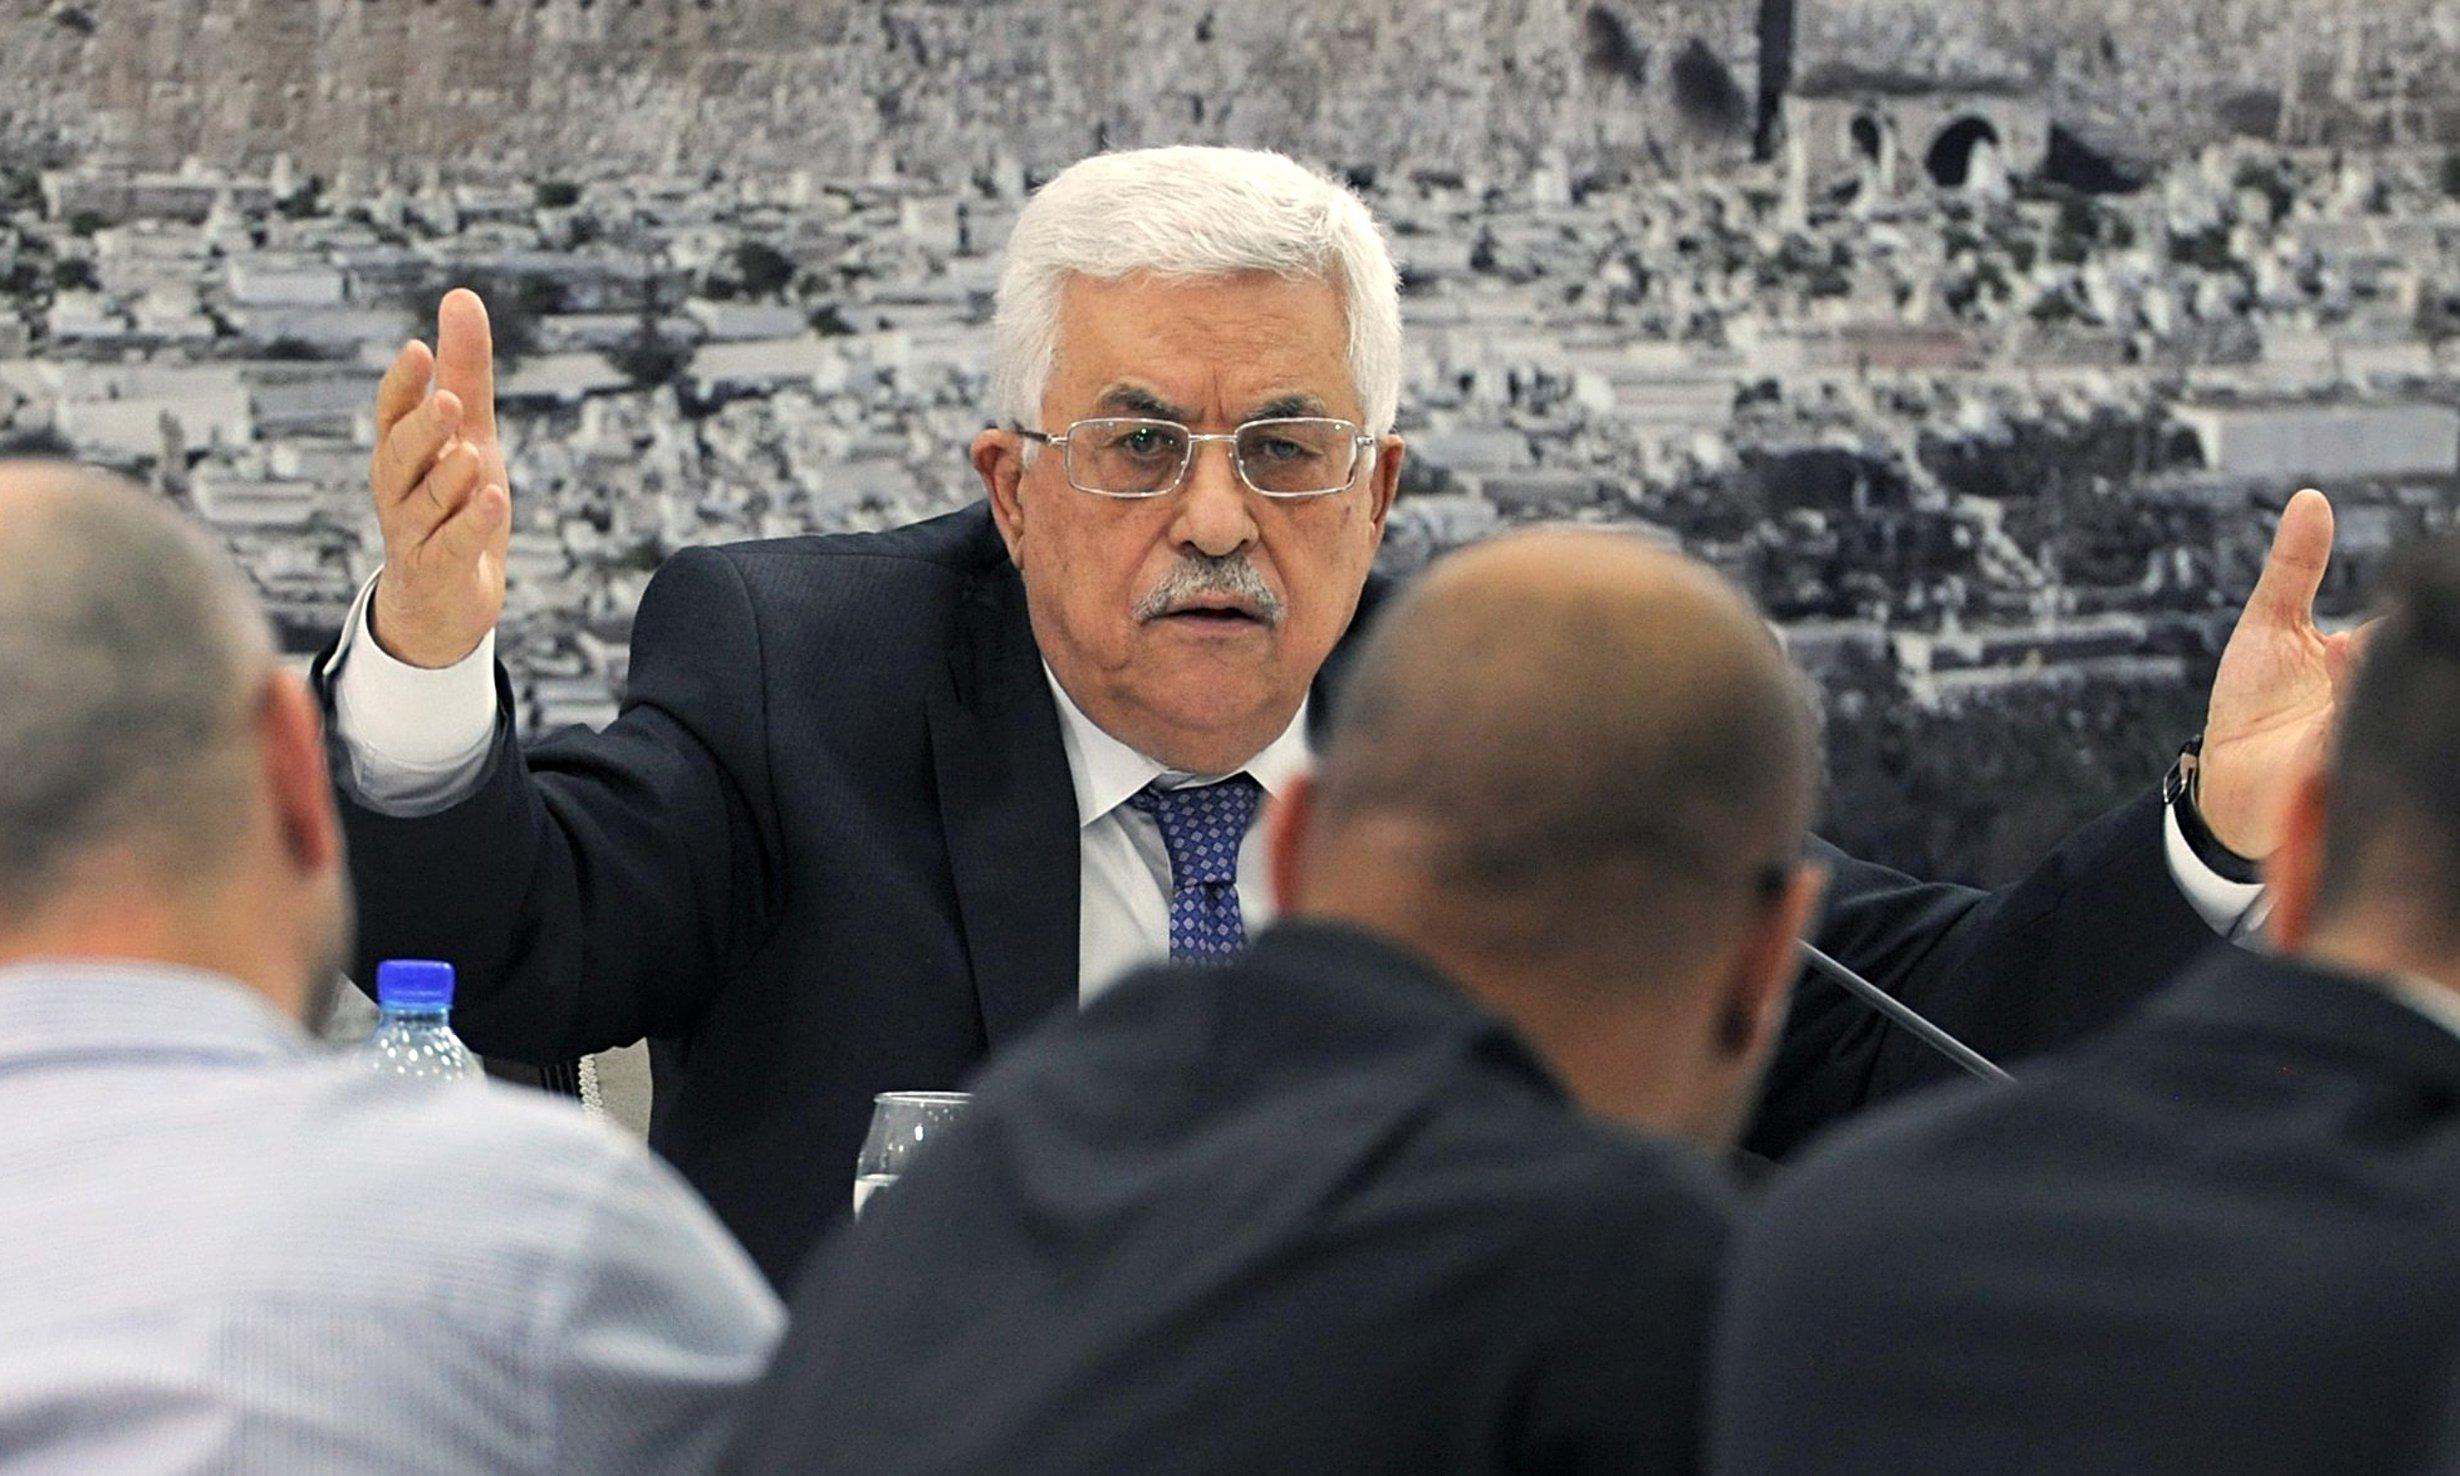 الرئيس عباس: يدعو الى قطع  العلاقات الدبلوماسية مع واشنطن وإغلاق السفارات وطرد السفراء